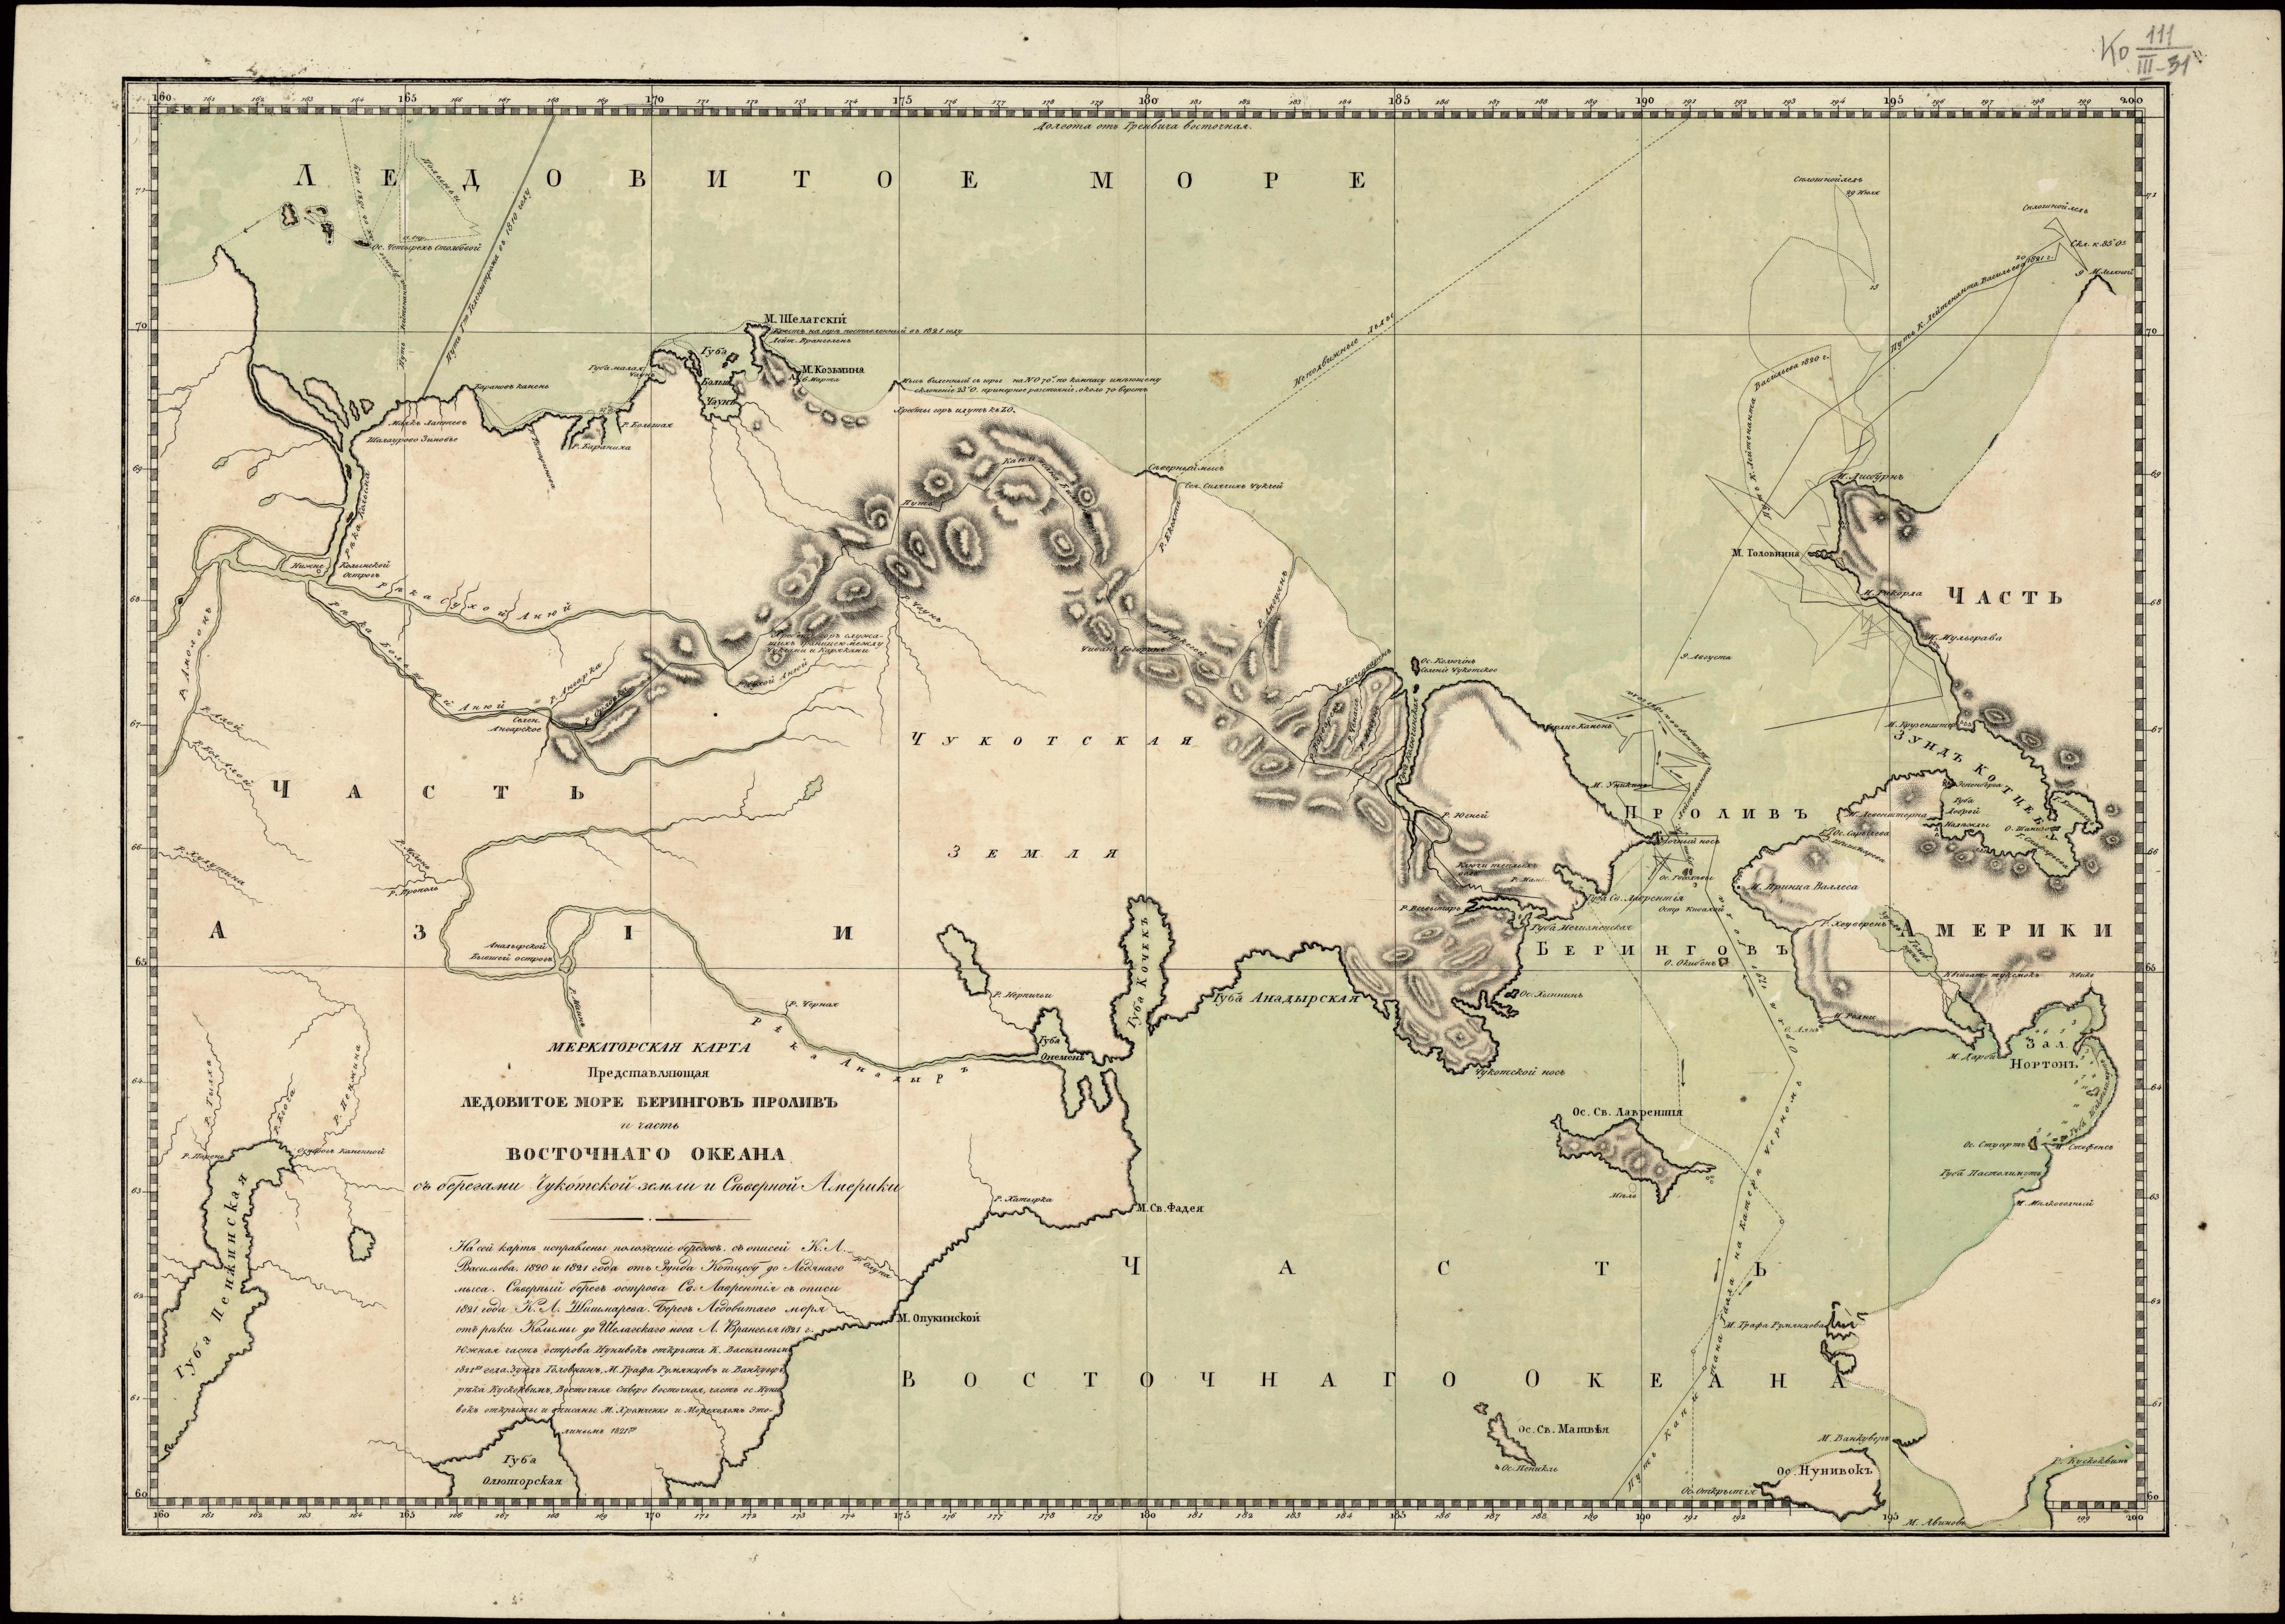 1821. Меркаторская карта, представляющая Ледовитое море, Берингов пролив и часть Восточного океана с берегами Чукотской земли и Северной Америки